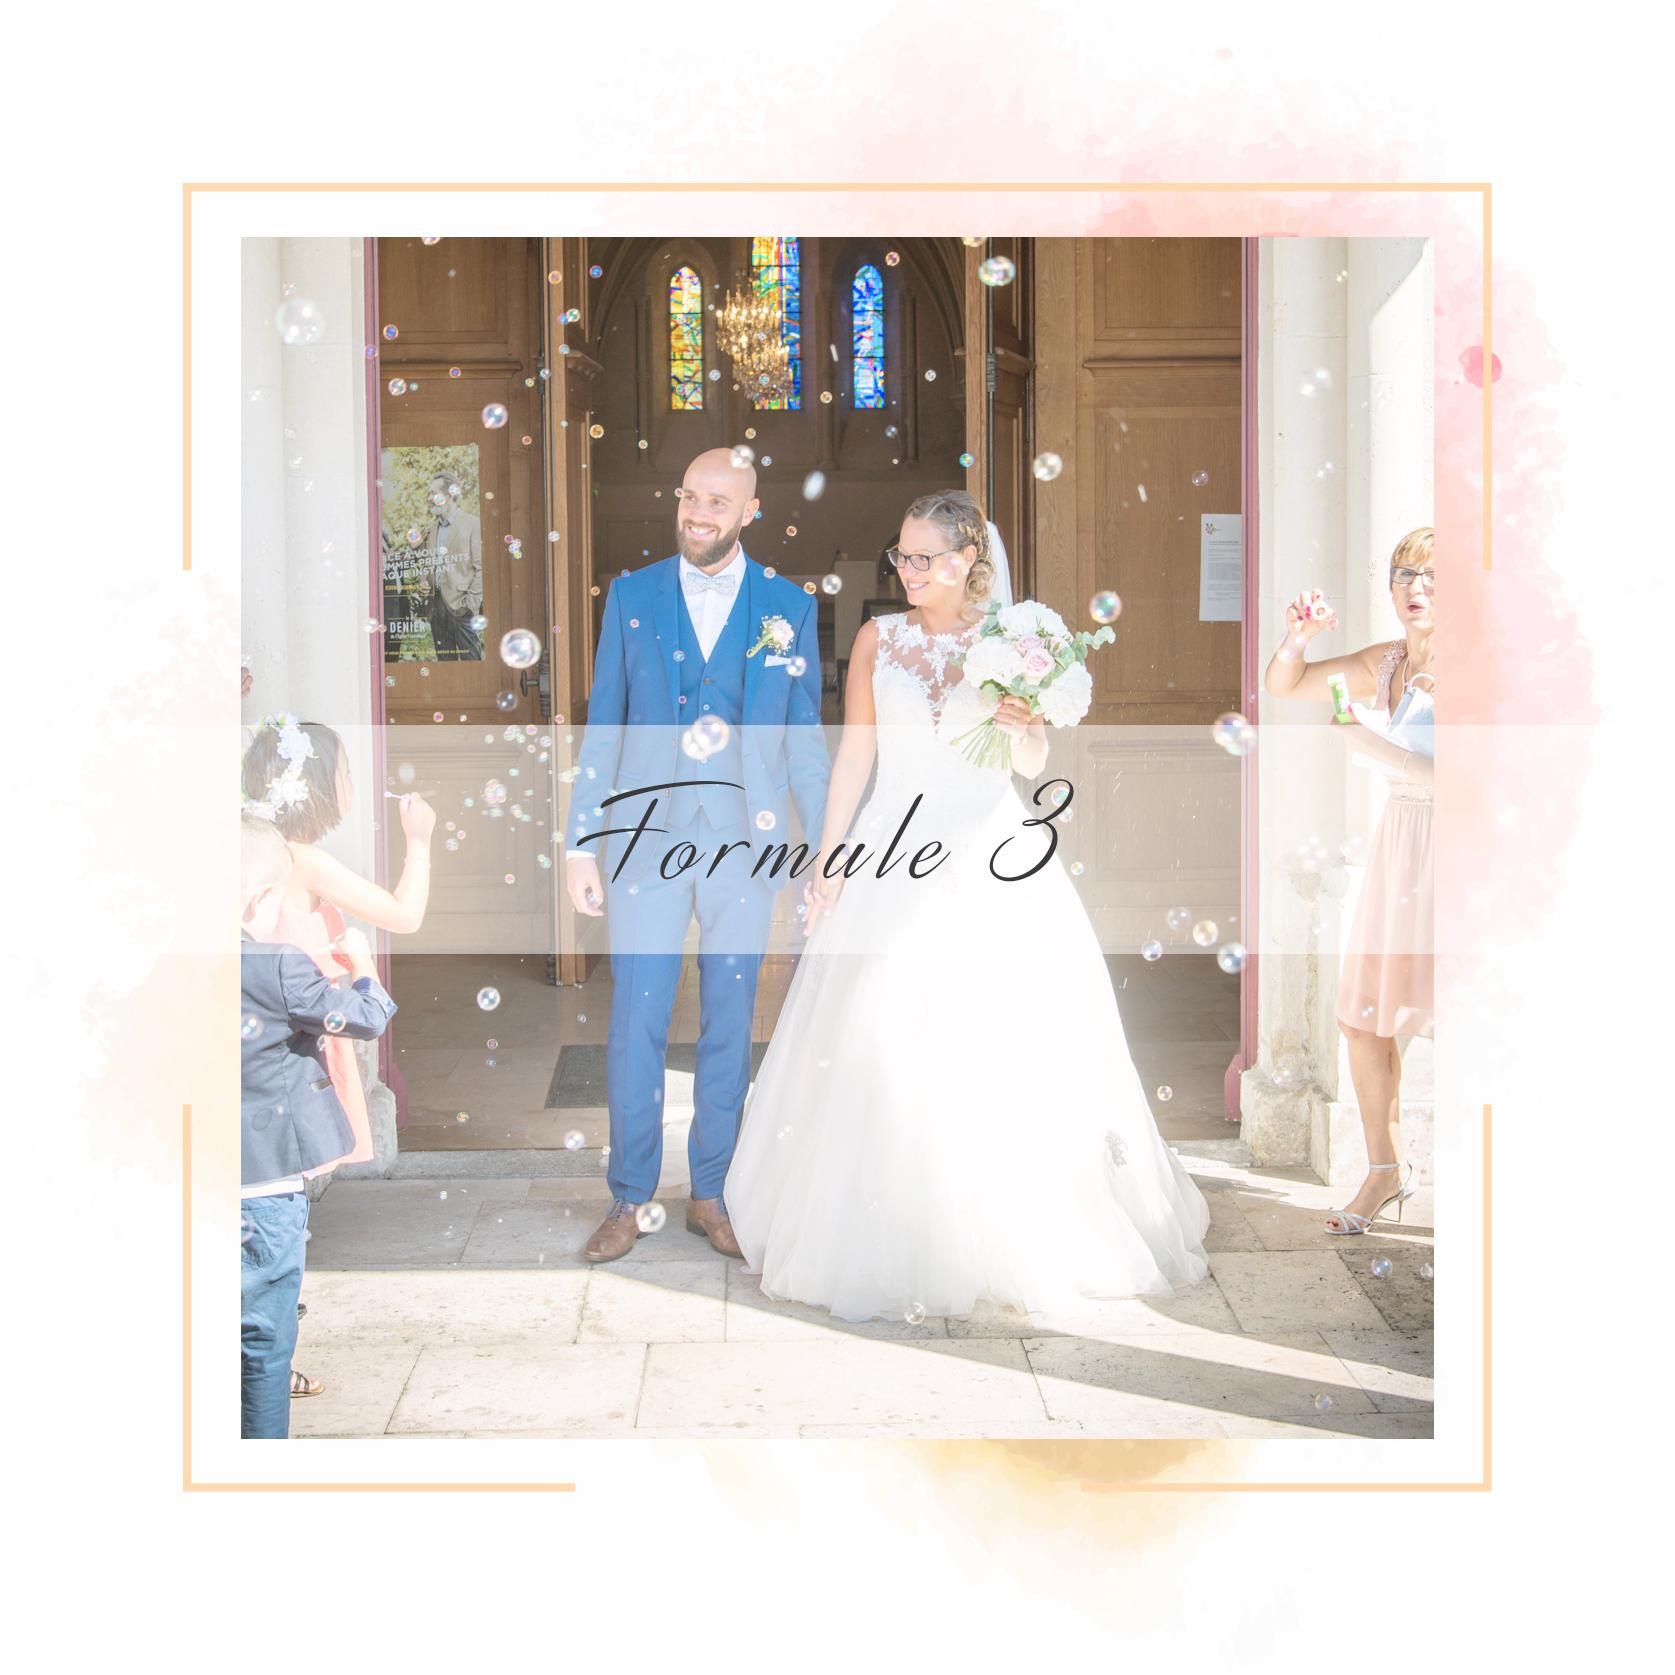 photographe-de-mariage-paris